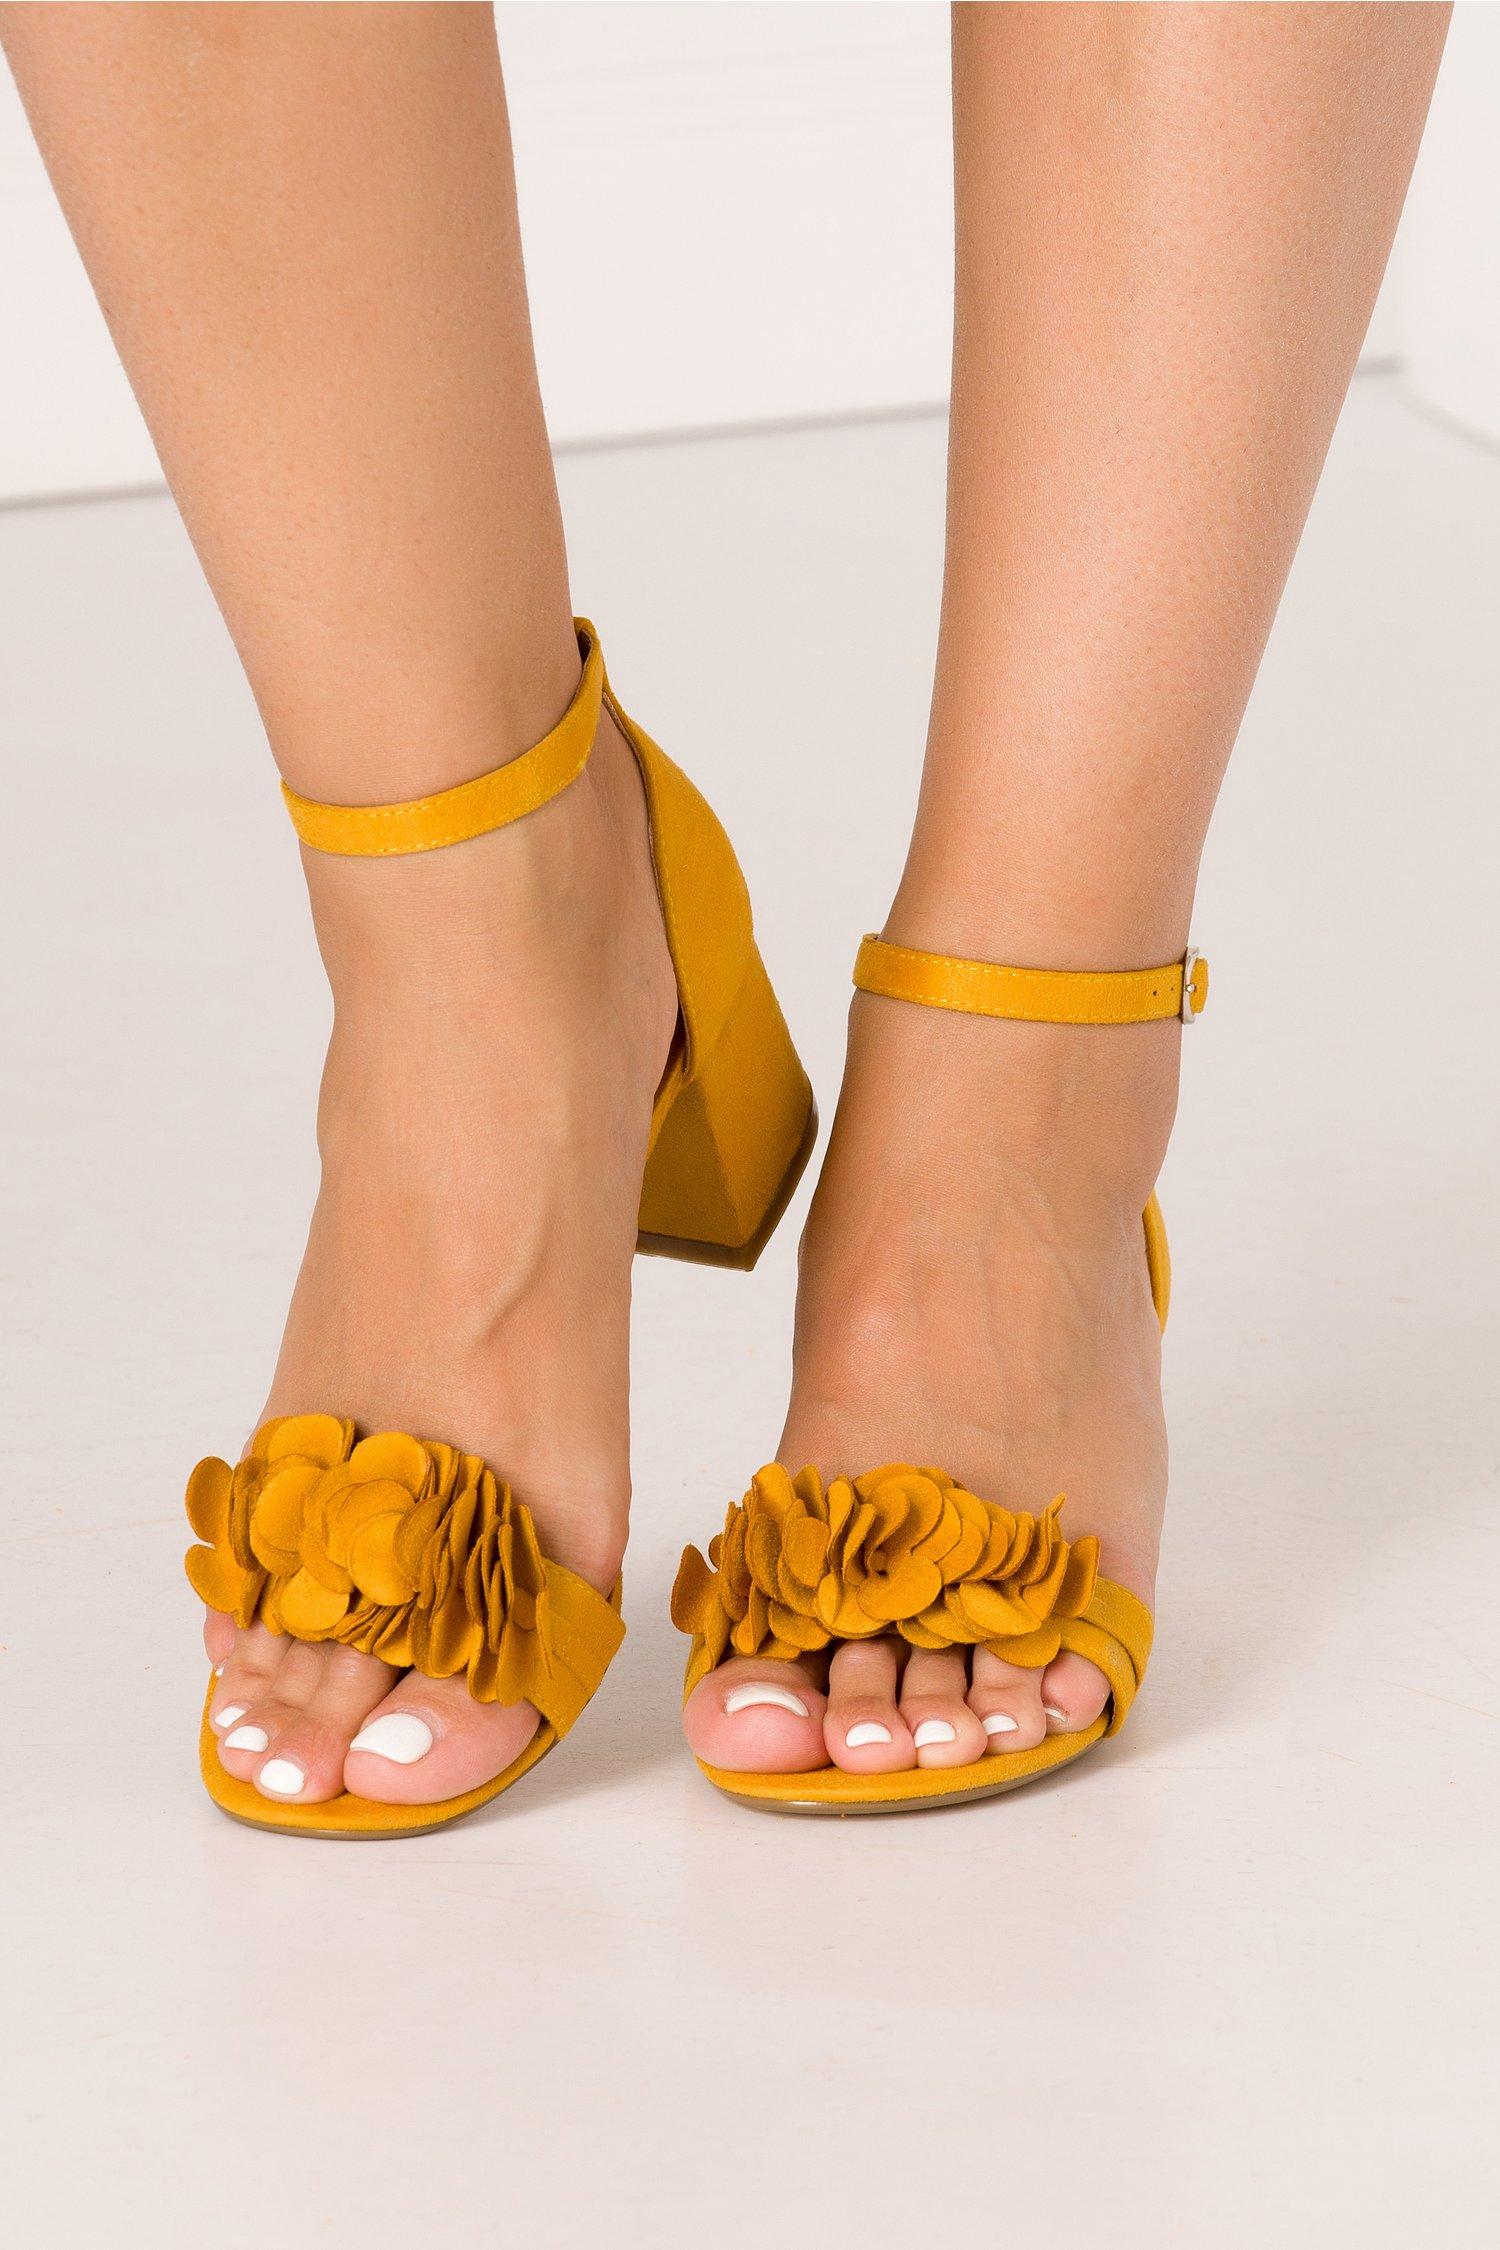 Sandale galbene cu flori 3D in partea din fata